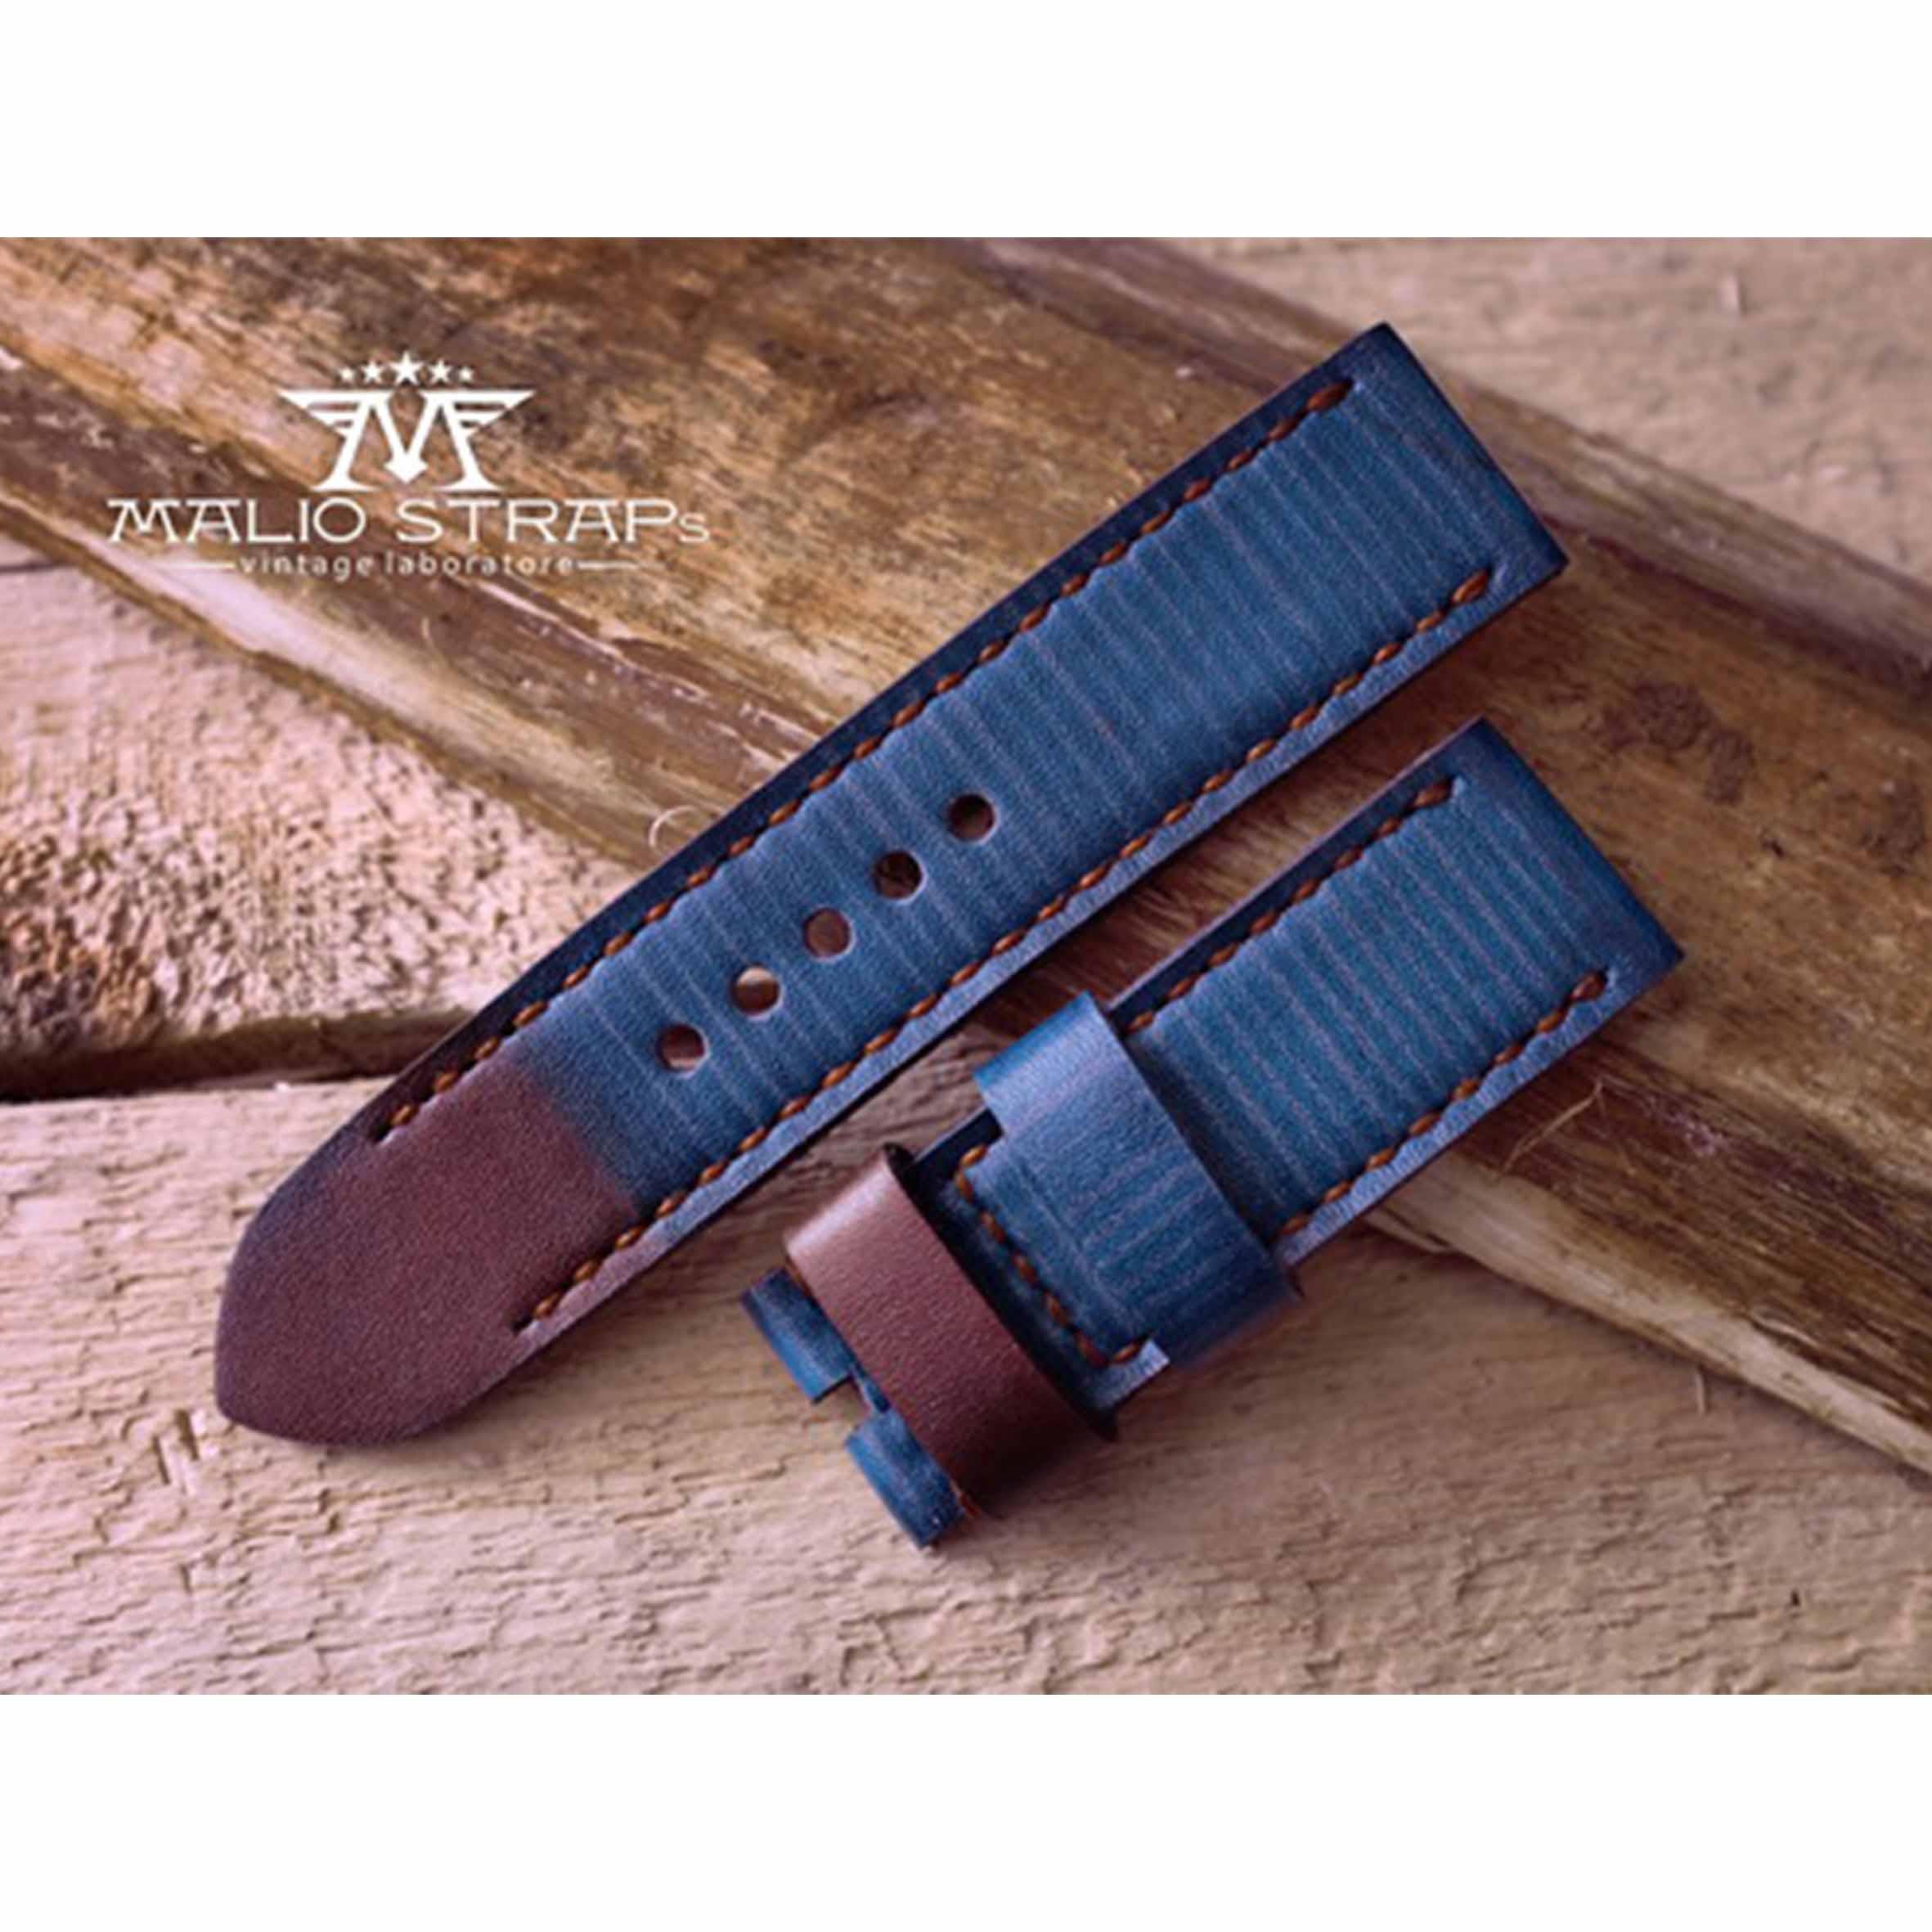 malio-straps-howdy-texas-1-strapsonly (1)